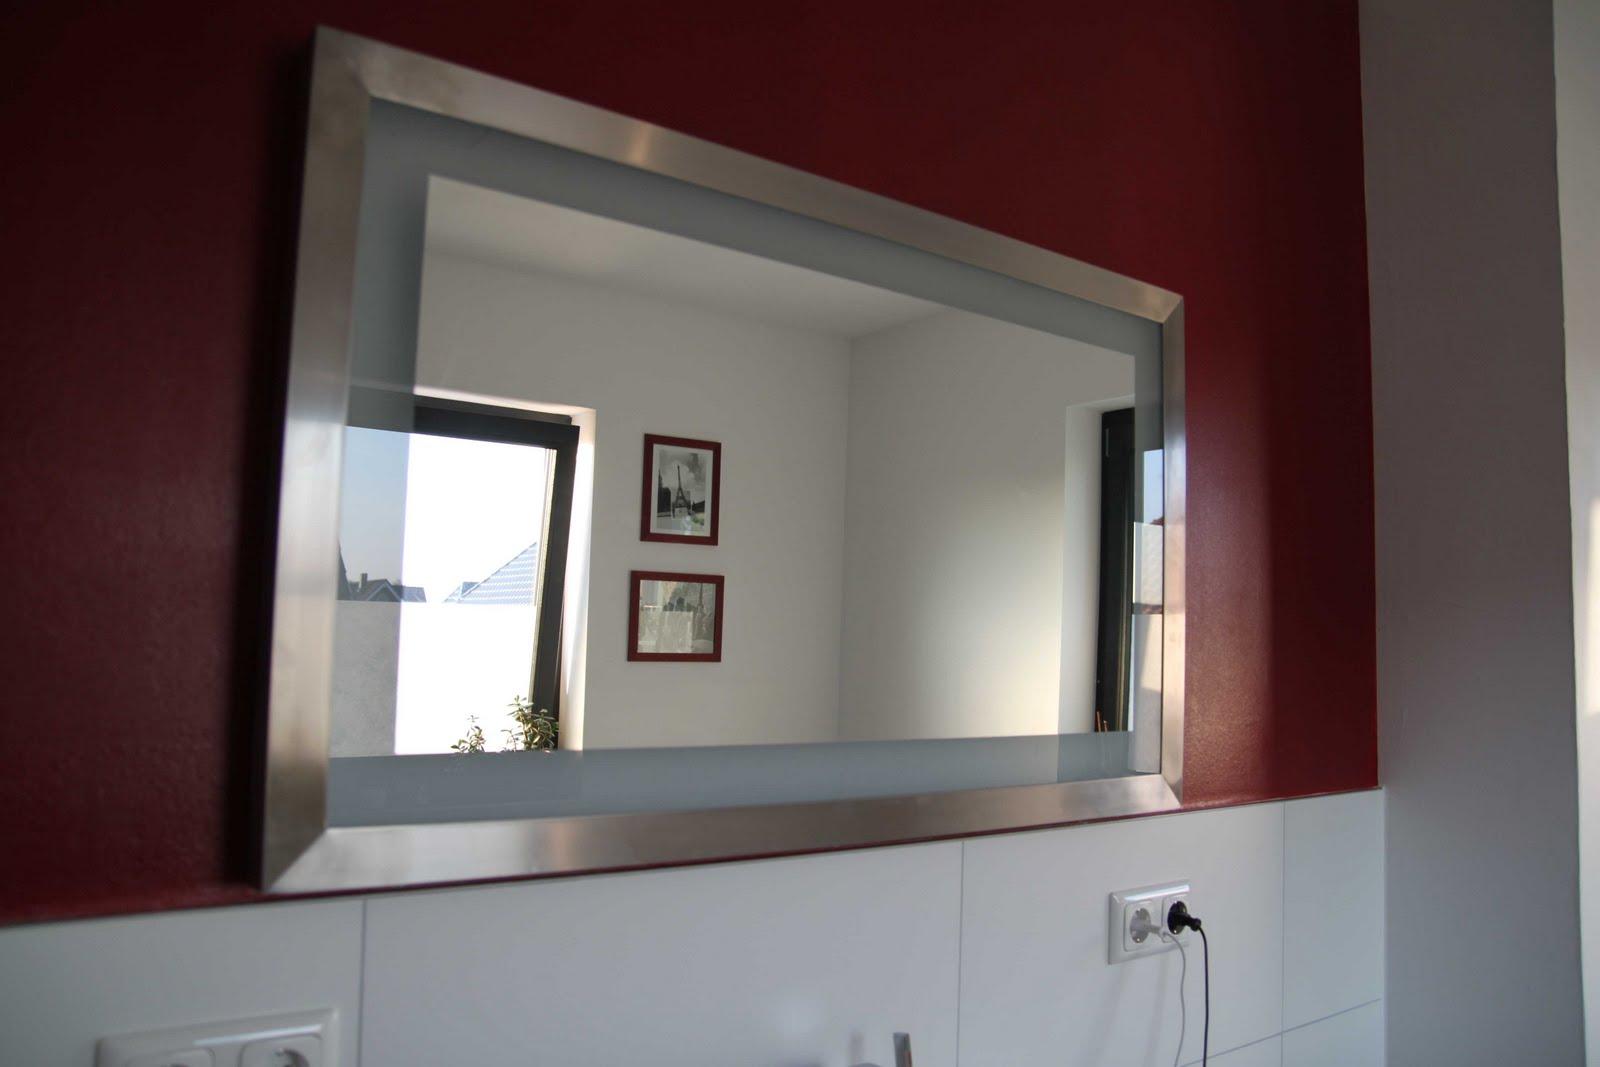 bauen ja nein ja nein ja das leben im haus. Black Bedroom Furniture Sets. Home Design Ideas